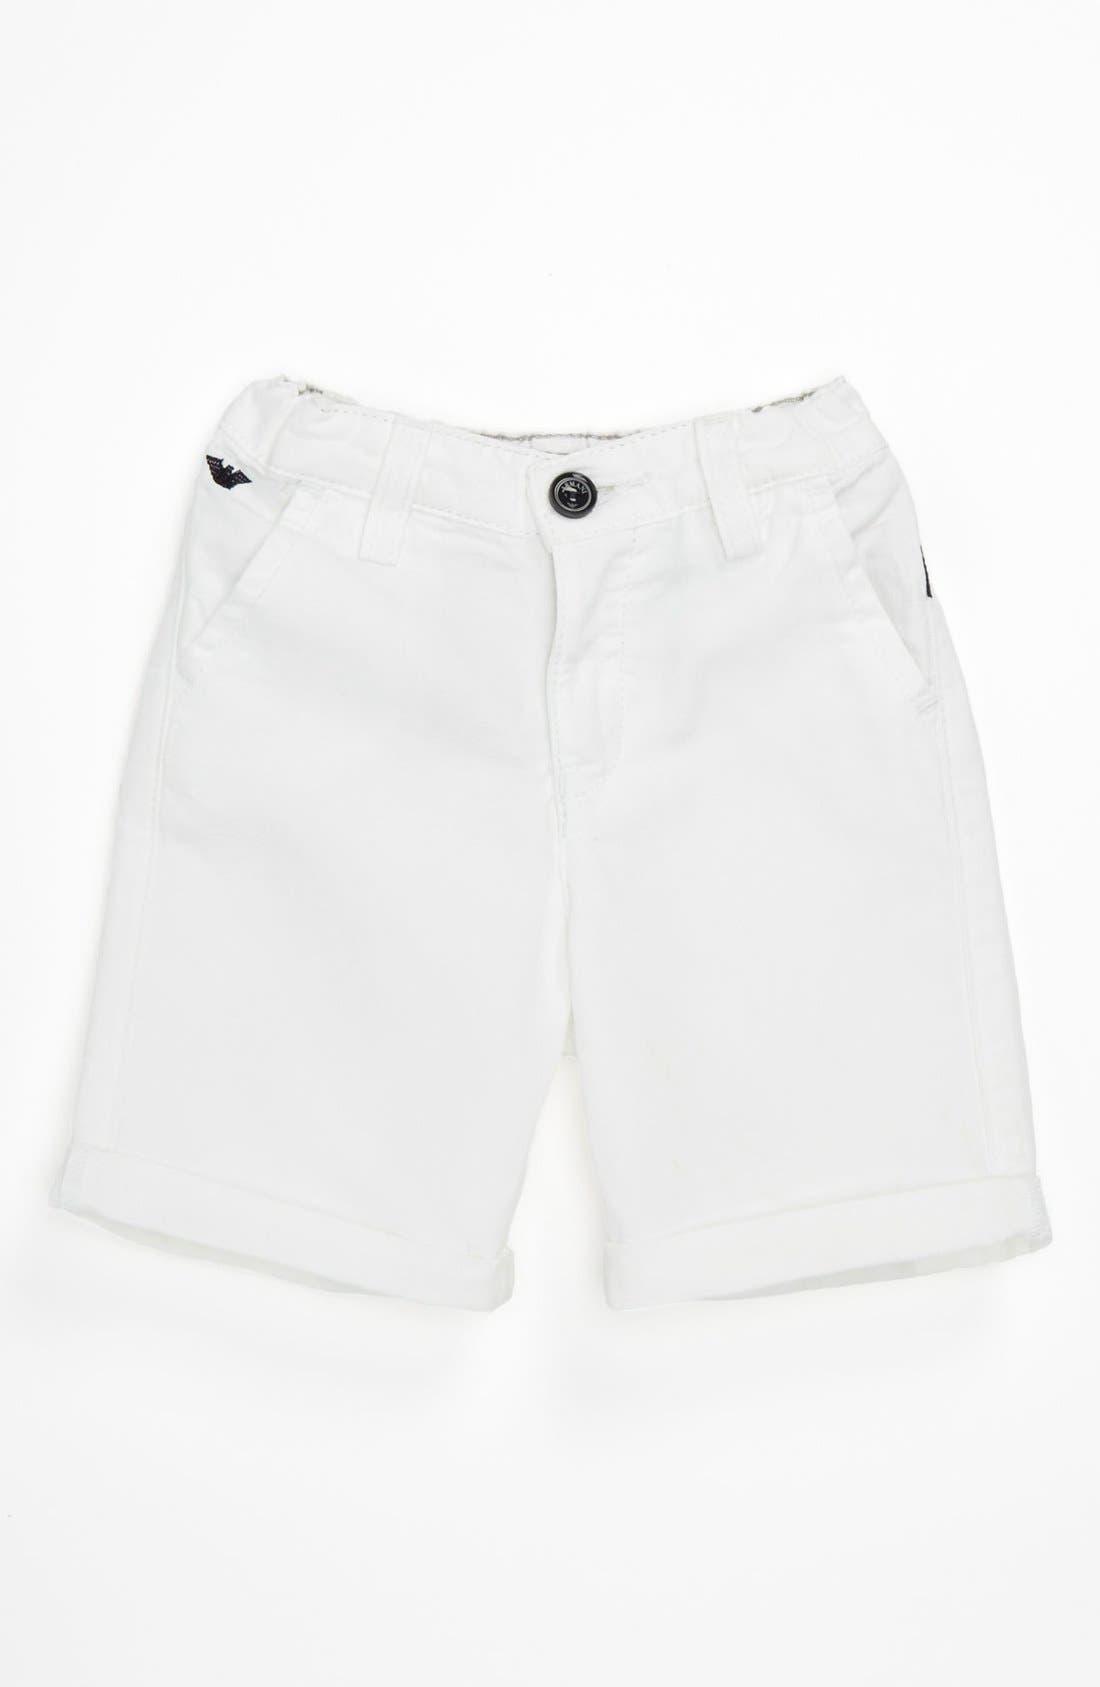 Main Image - Armani Junior Shorts (Baby)